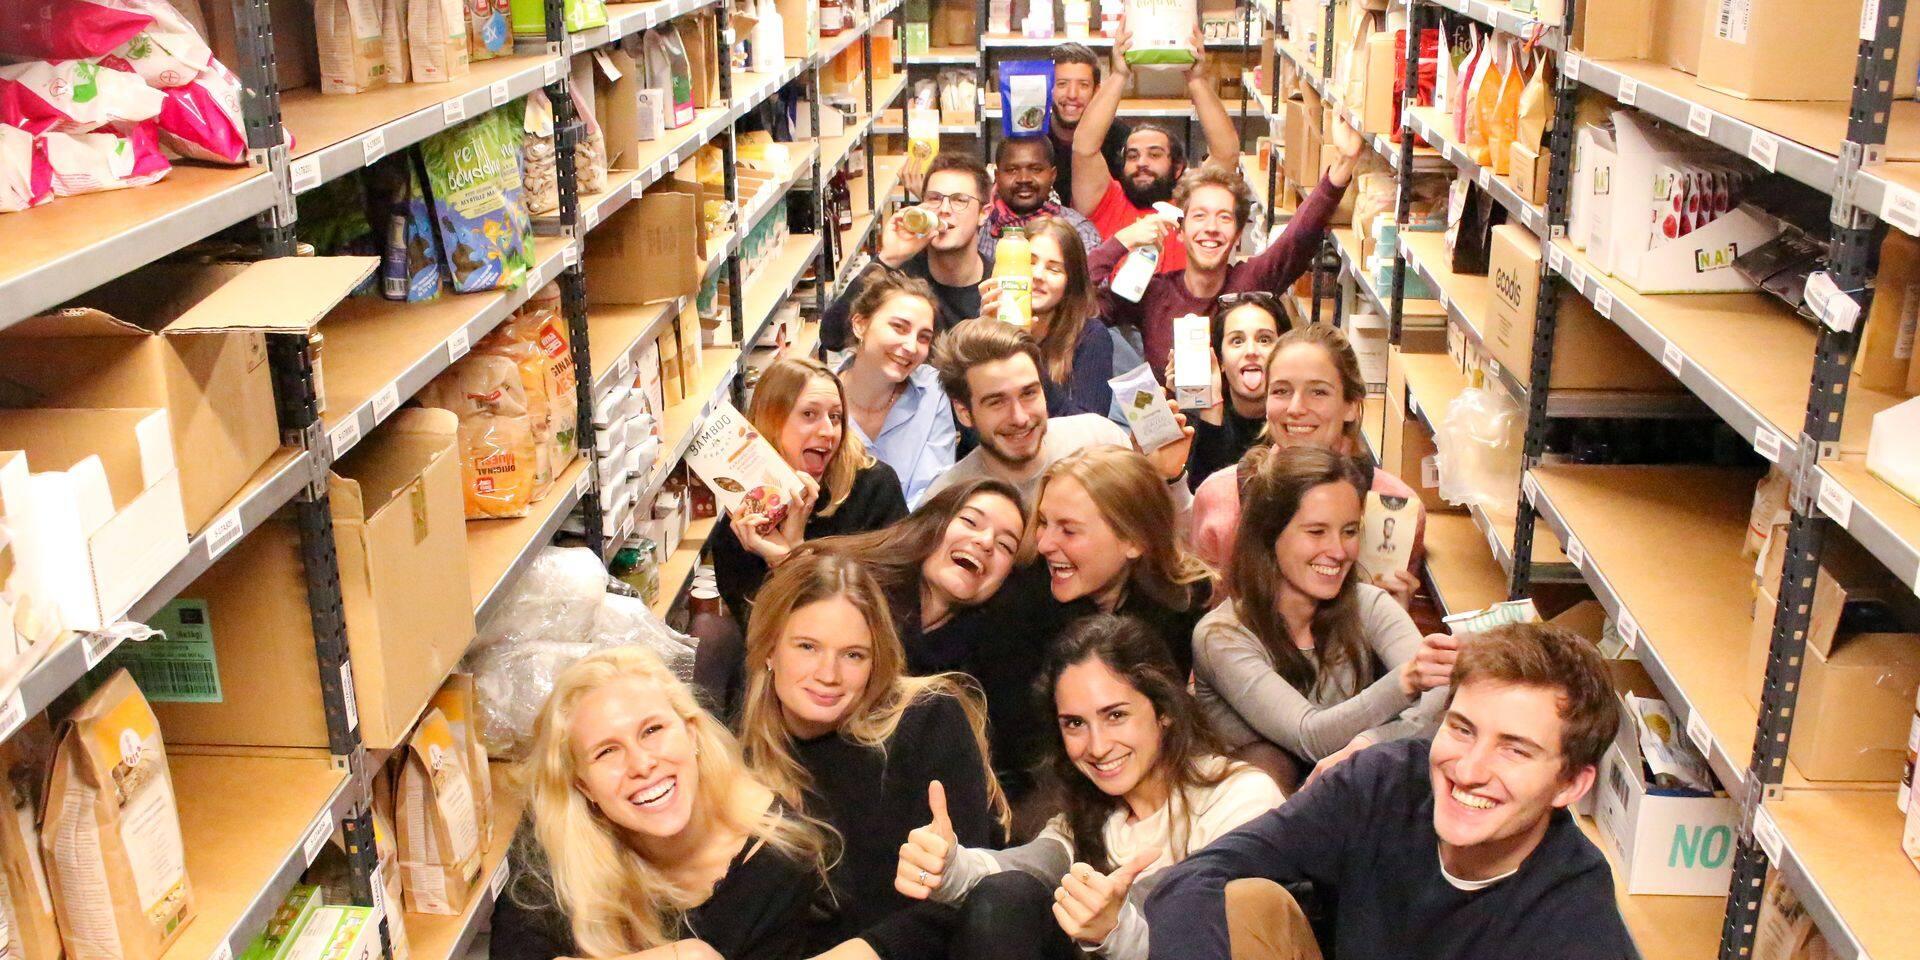 Kazimodi, l'épicerie en ligne belge de produits sains et bio, prévoit de tripler ses revenus en 2019